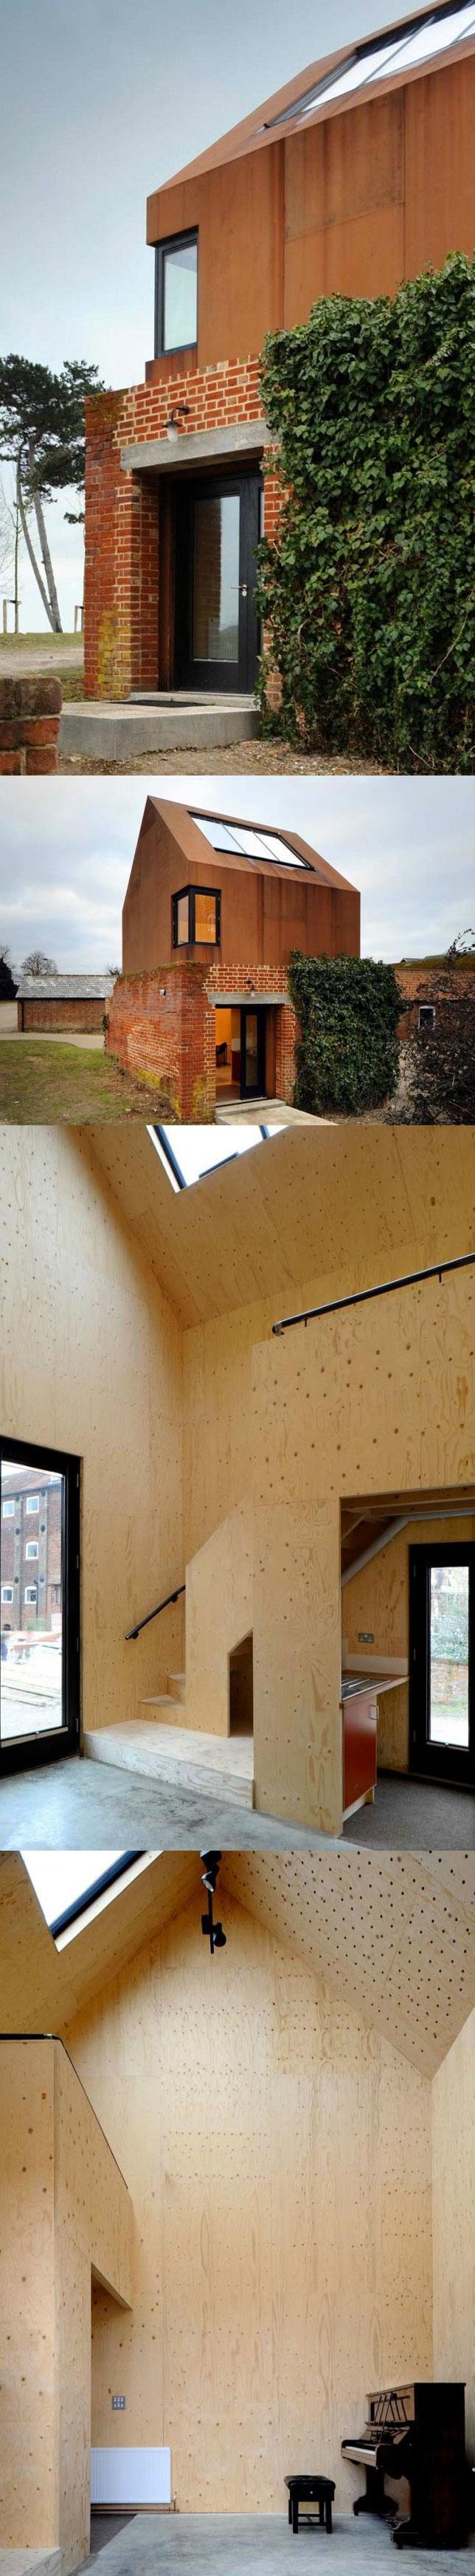 Dovecote Studio - Architecture - Creattica